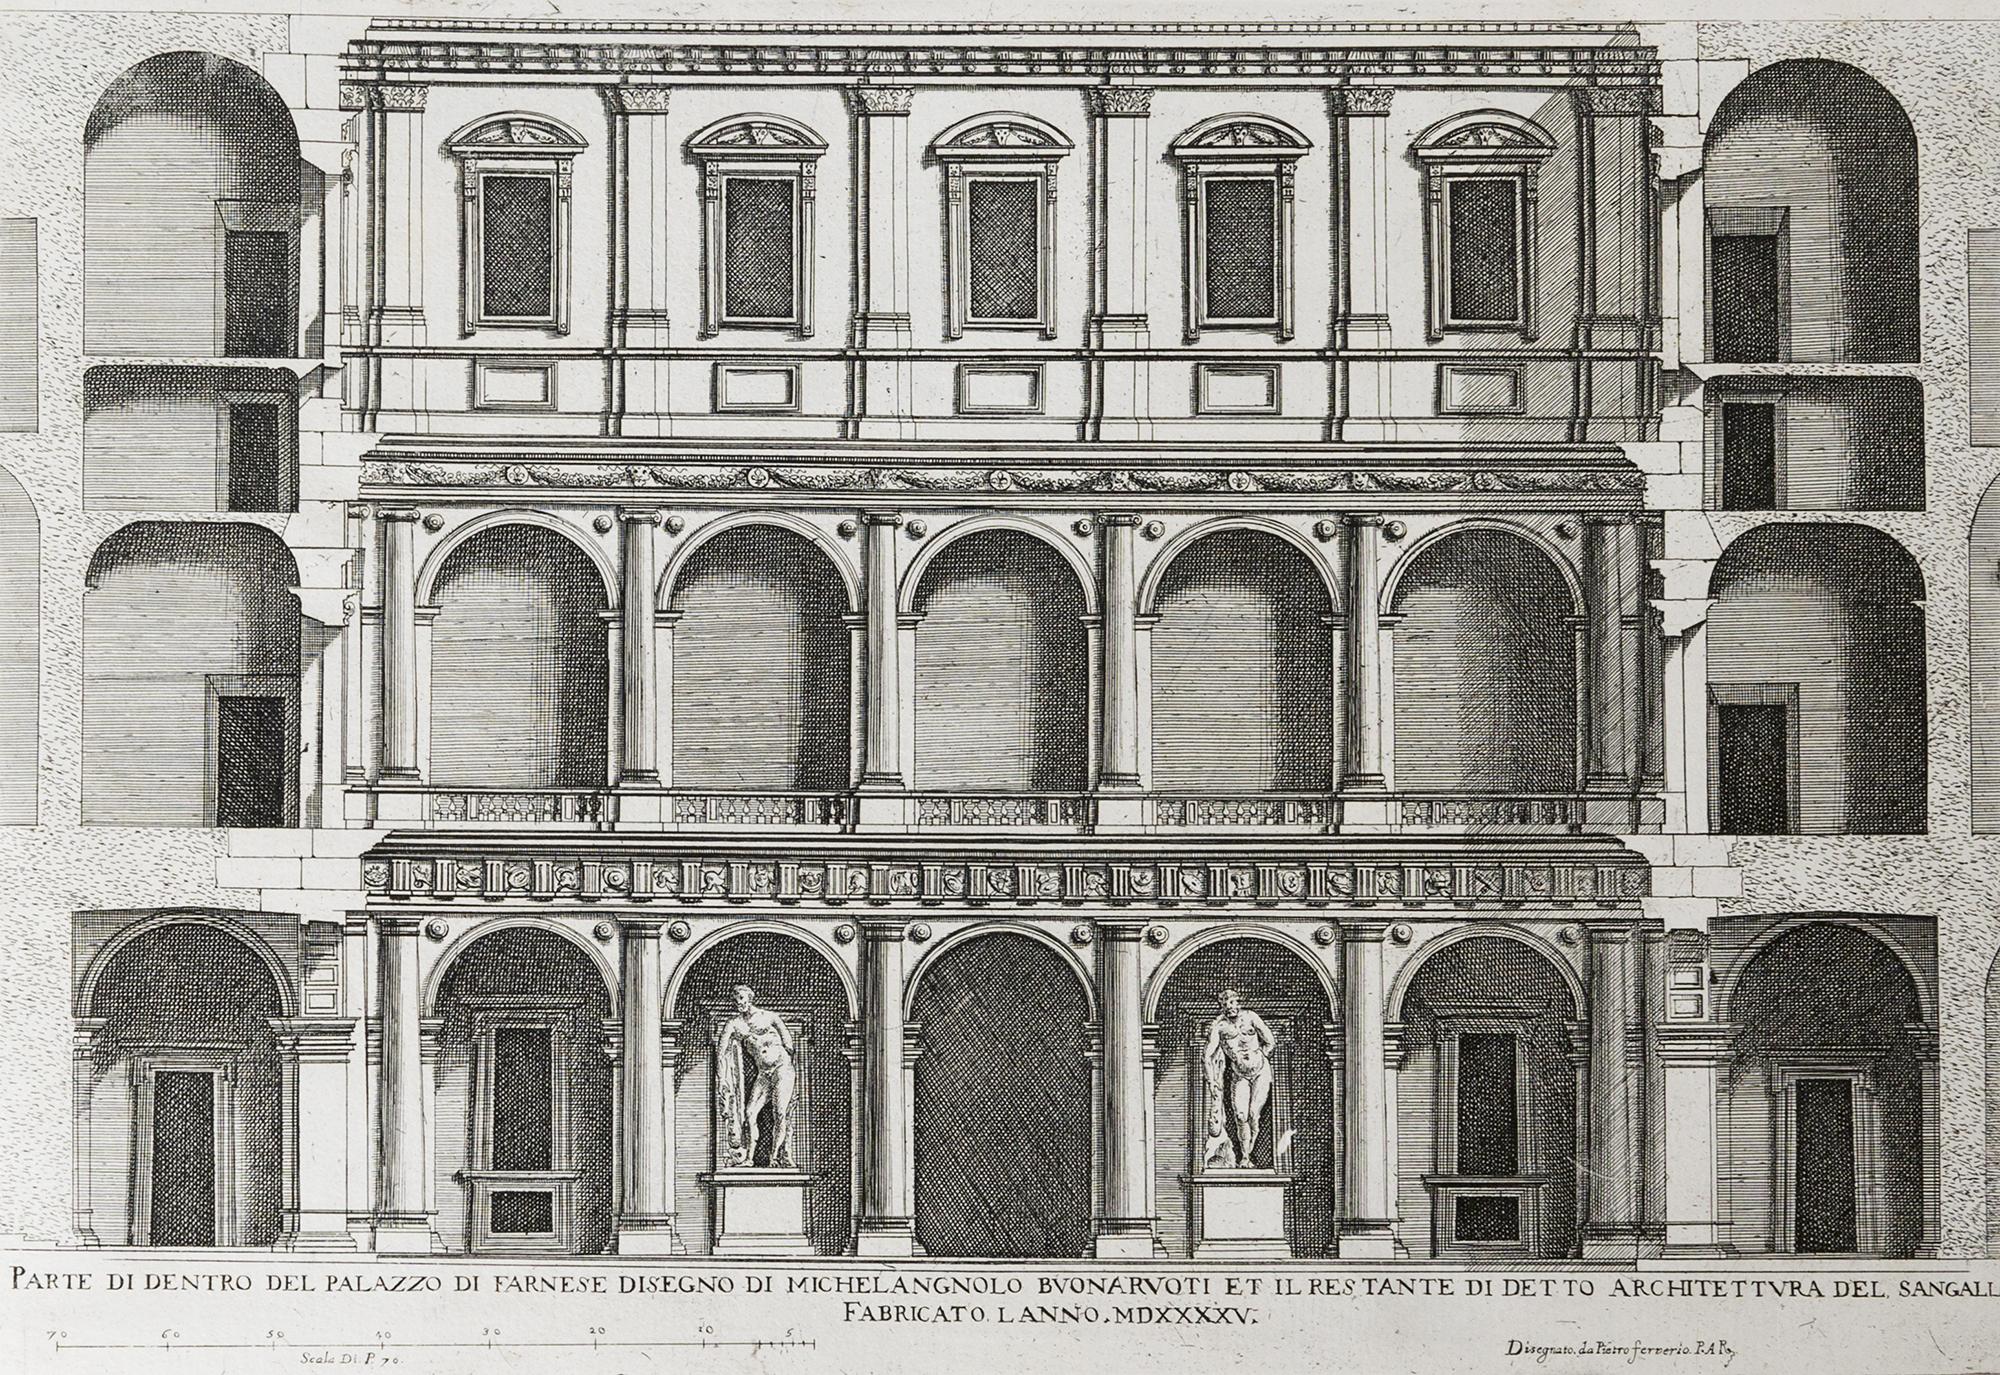 Roma ferrerio palazzi di roma de pi celebri architetti disegnati da pietro ferrerio libro - Portale architetti roma ...